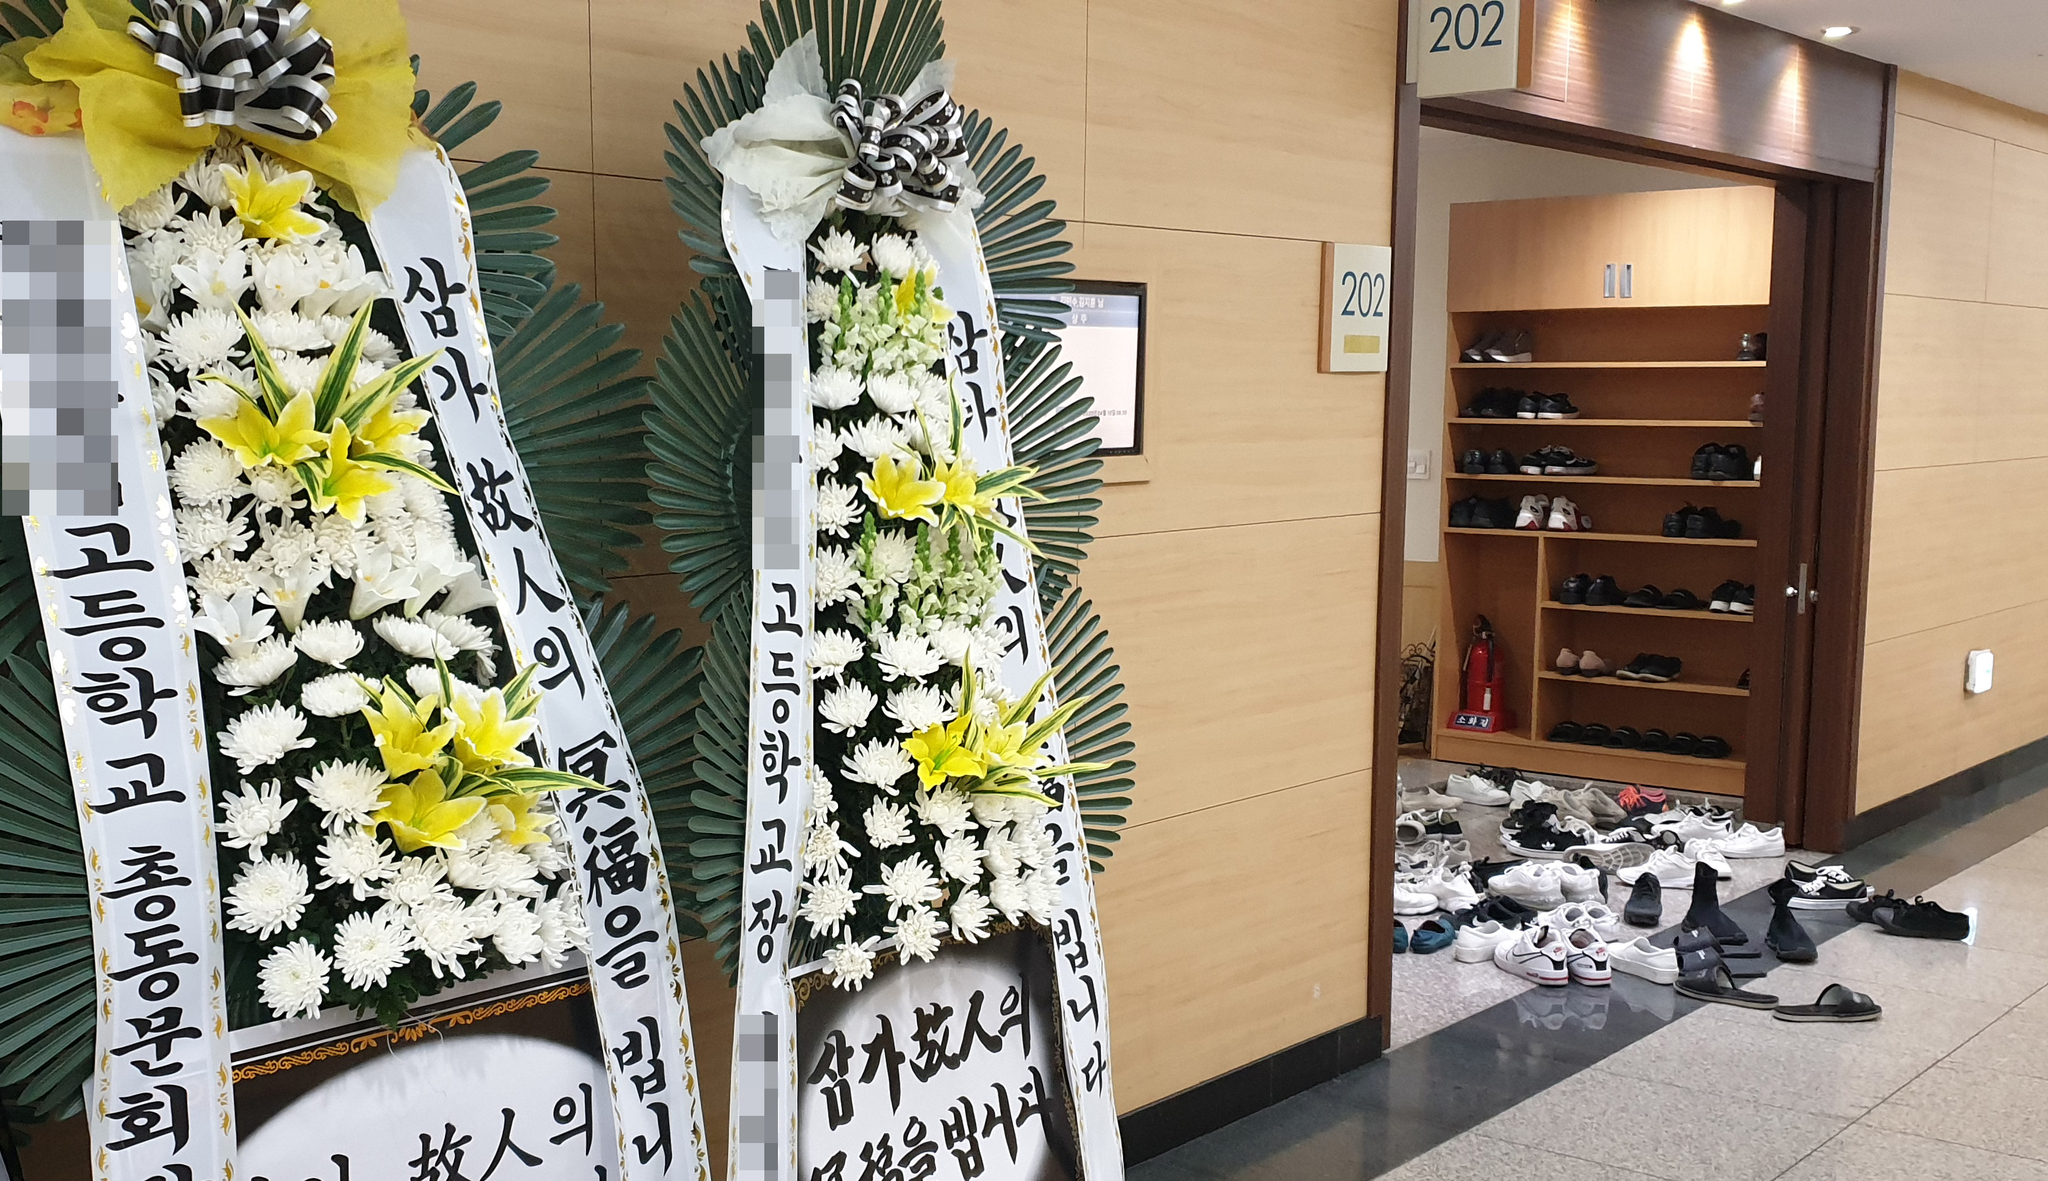 울산 동구 아파트 화재로 숨진 고등학생과 초등학생 형제의 장례식장 9일 오후 모습. 연합뉴스